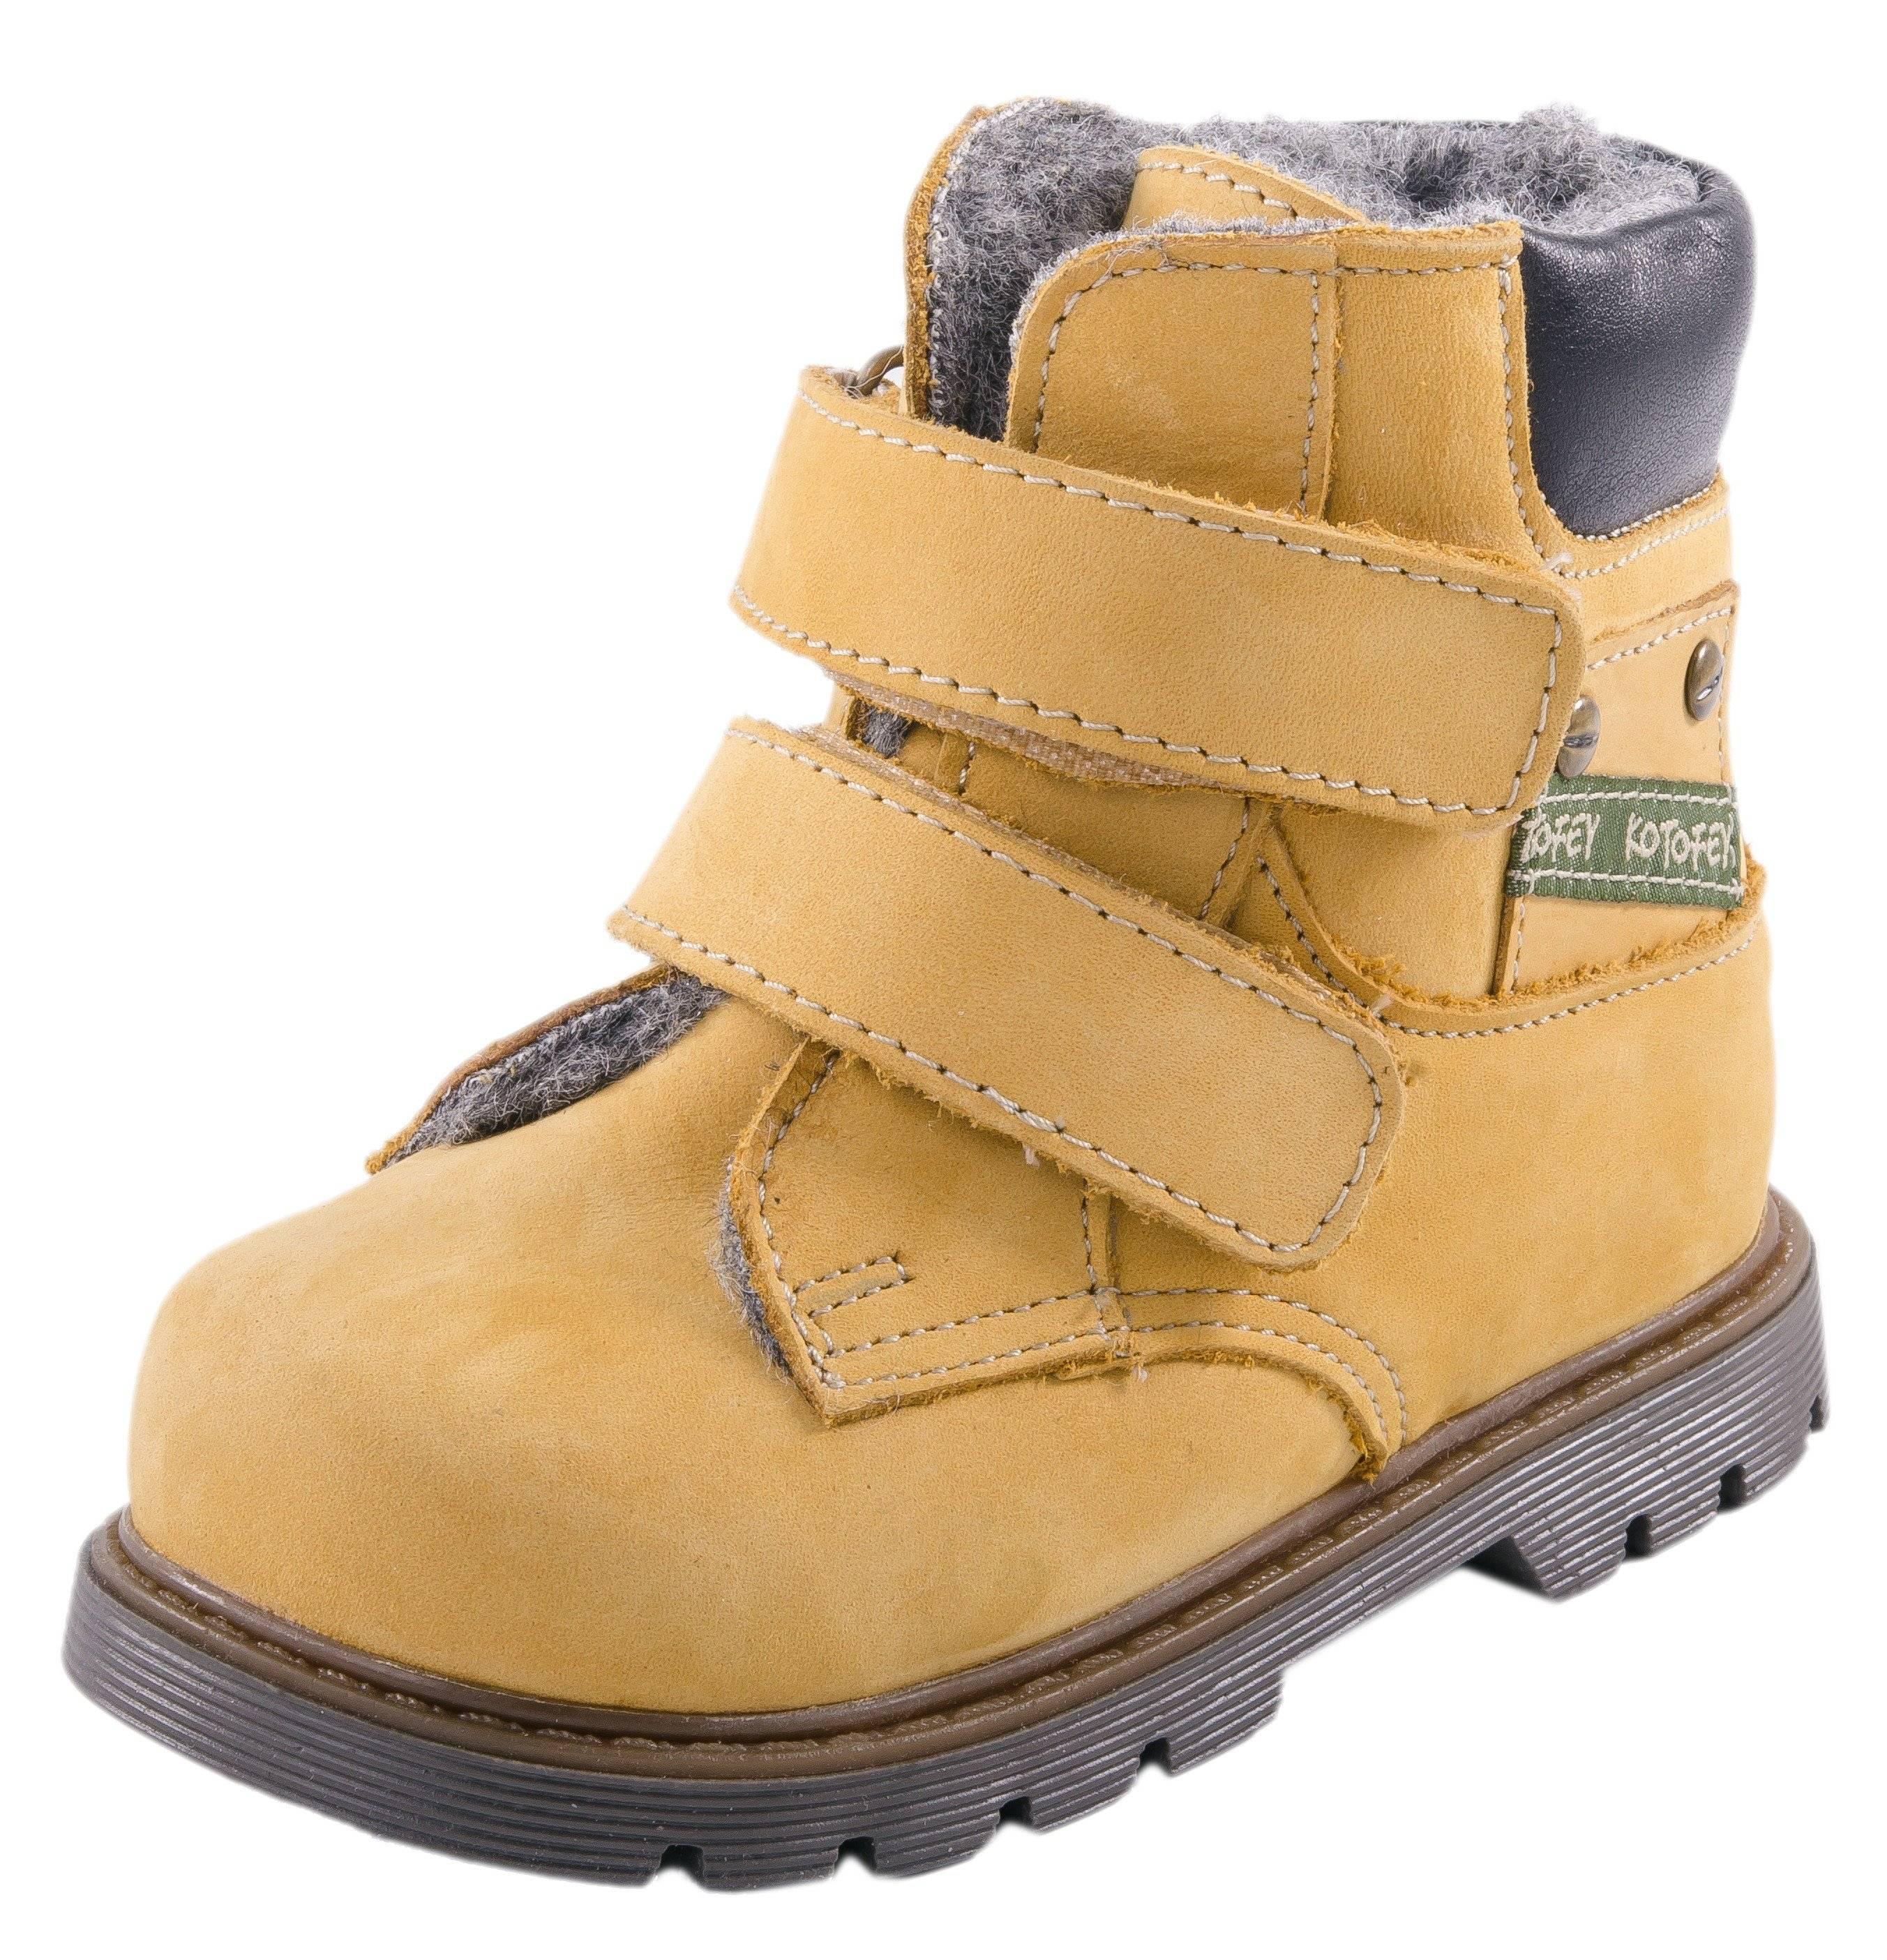 Когда покупать первую обувь малышу? - когда ребенку нужна обувь - запись пользователя татьяна (golubkina11) в сообществе выбор товаров в категории детская обувь - babyblog.ru